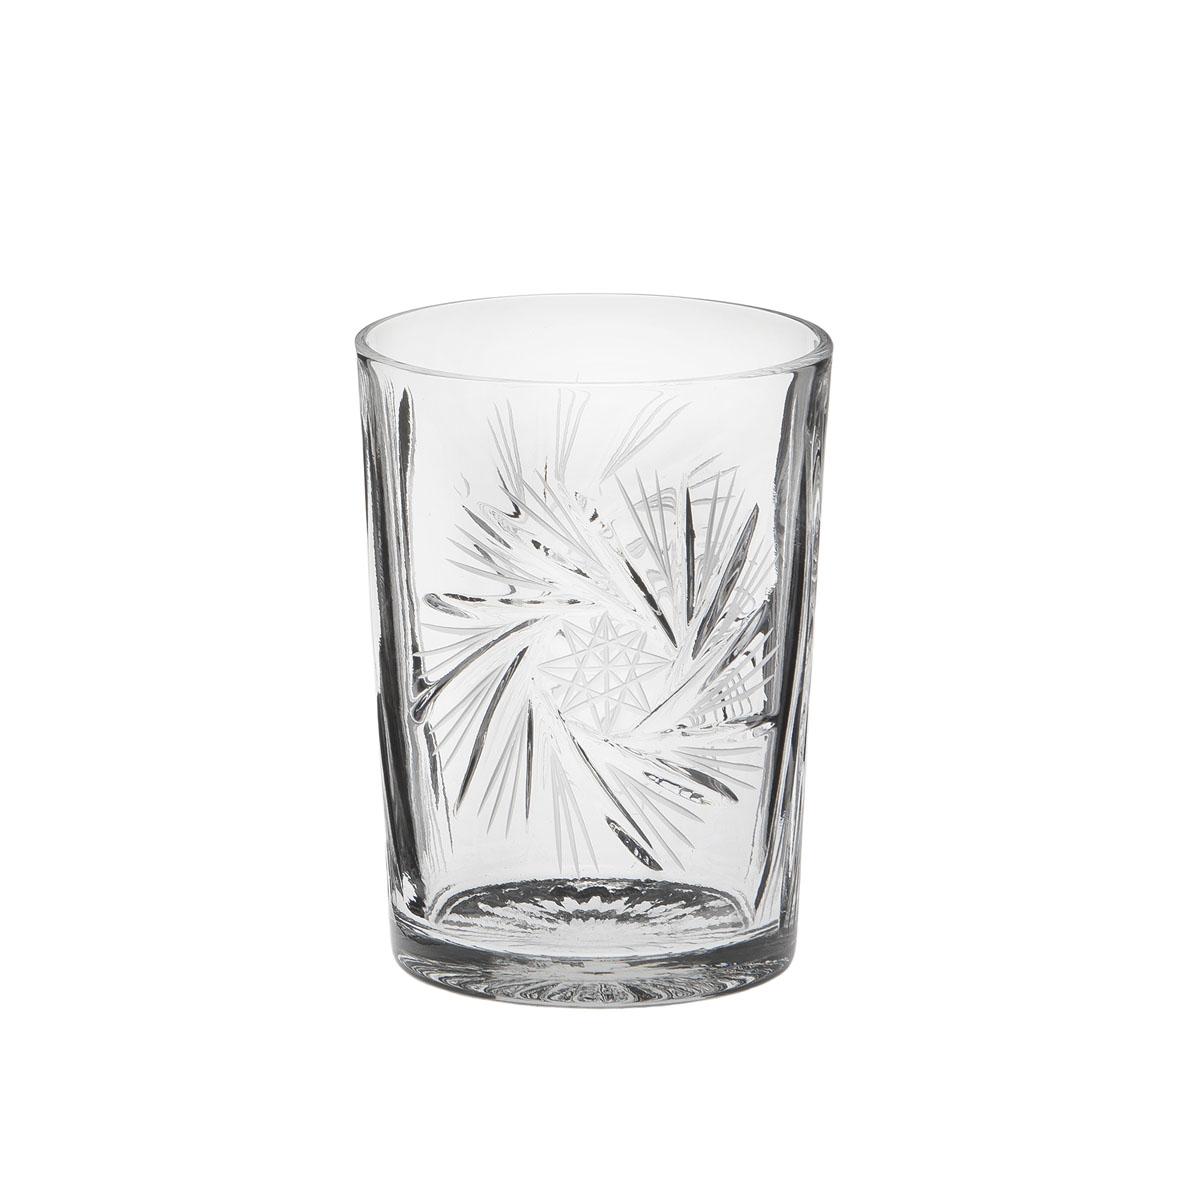 Стакан Дятьковский хрусталь Пинвилл, 235 мл. С187С187Хрустальные стаканы – красивое и простое решение для украшения праздничного стола. Стаканы из хрусталя универсальны, они подойдут и для алкогольных напитков – вина, шампанского, и для освежающих – минеральной воды, компота или сока. Если в вашей домашней коллекции еще нет предметов хрустальной посуды, купить хрустальные стаканы стоит обязательно.